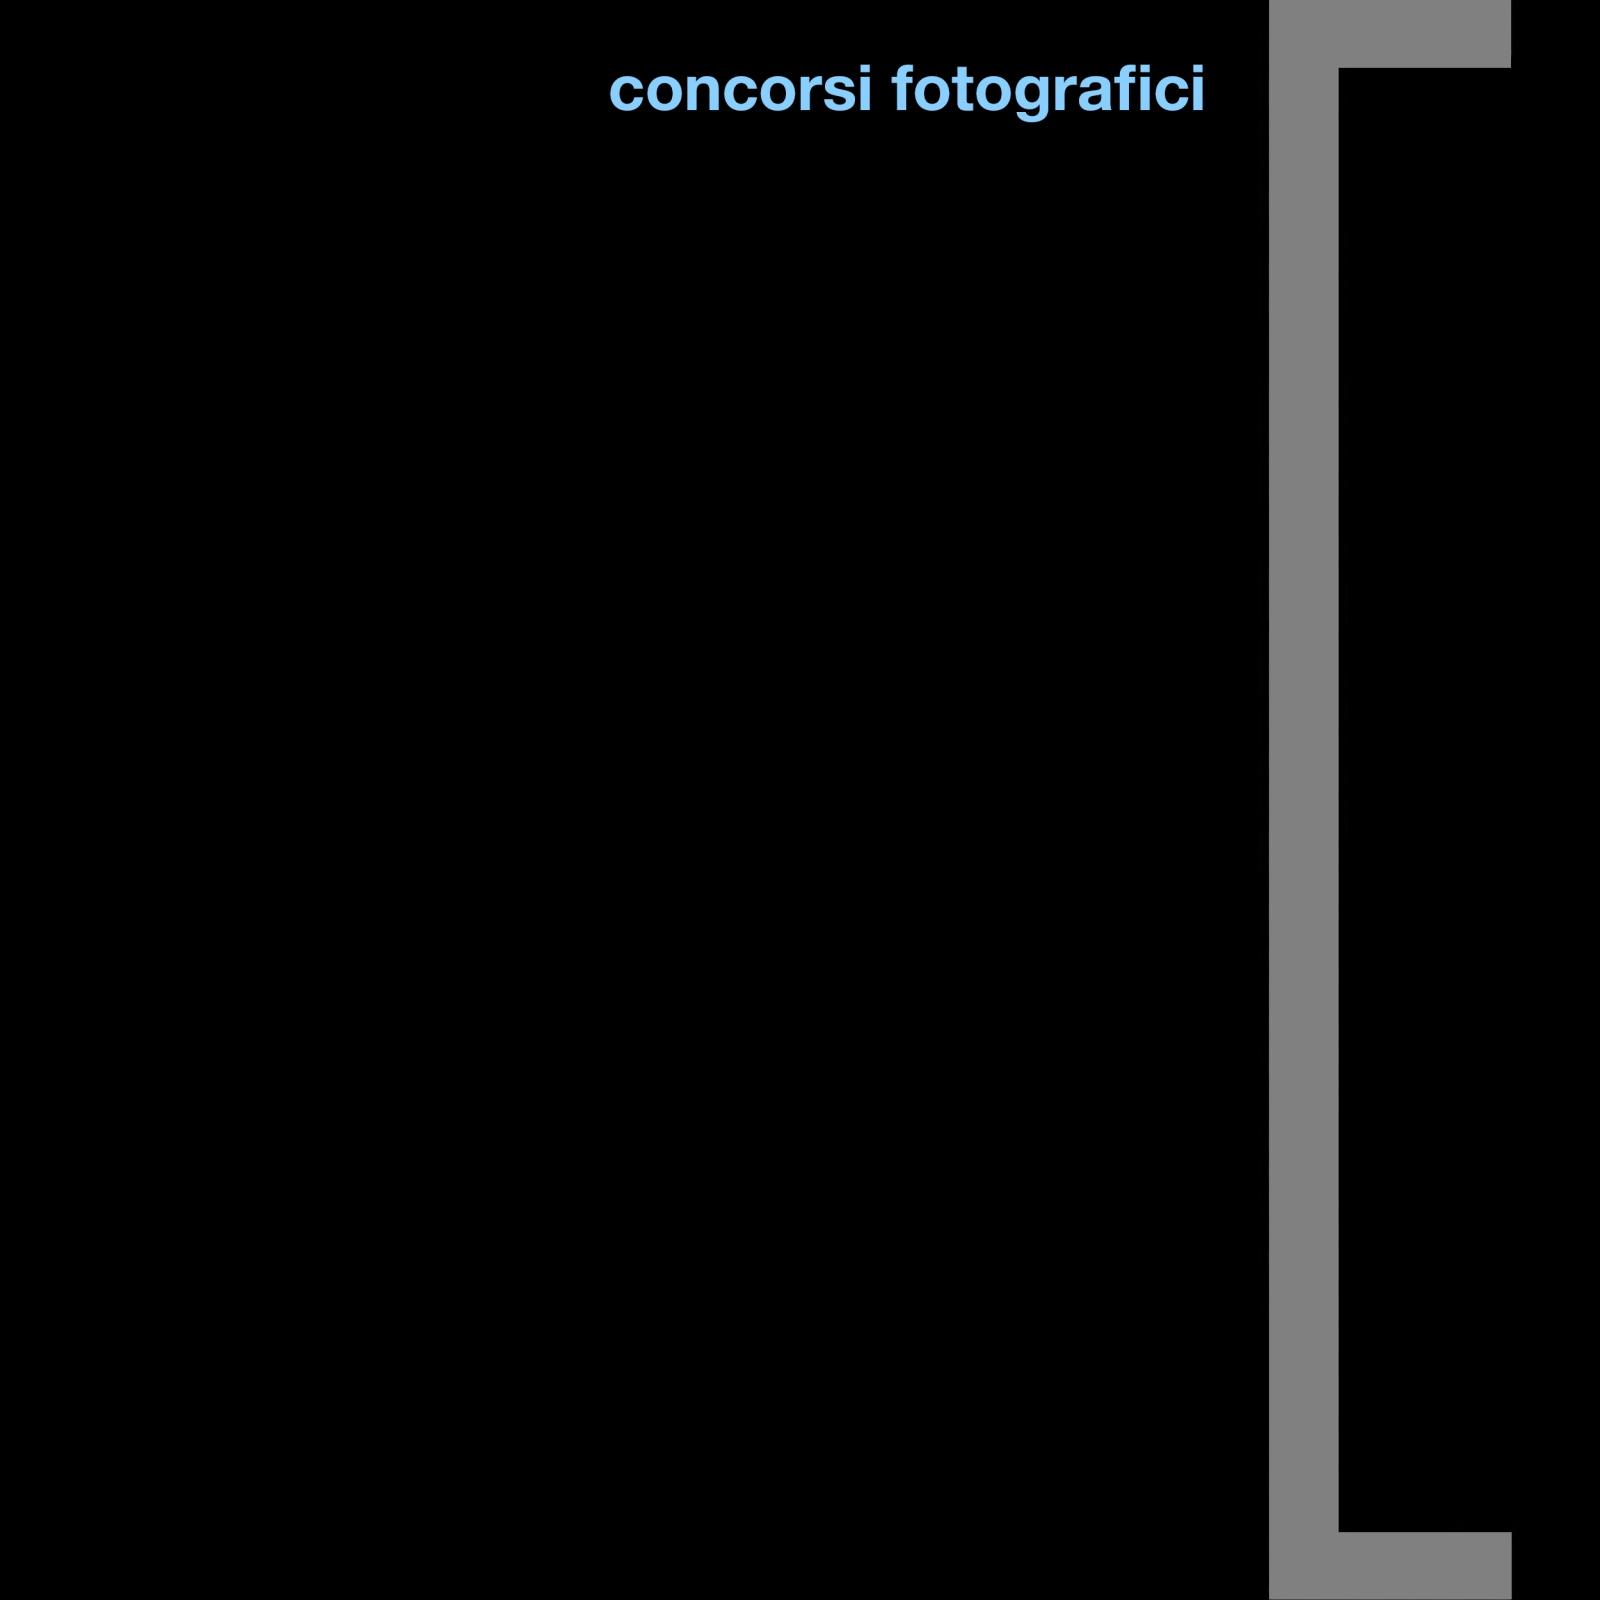 concorsi  - il concorso fotografico come strumento di valorizzazione del territorio o come mezzo di denuncia della realtà in un mondo dove bellezze naturalistiche eccezionali, storia millenaria e pregevoli manufatti architettonici gareggiano con i peggiori scempi dei nostri giorni. il concorso fotografico anche come modo per mettersi in gioco, gareggiano con altri fotografi.